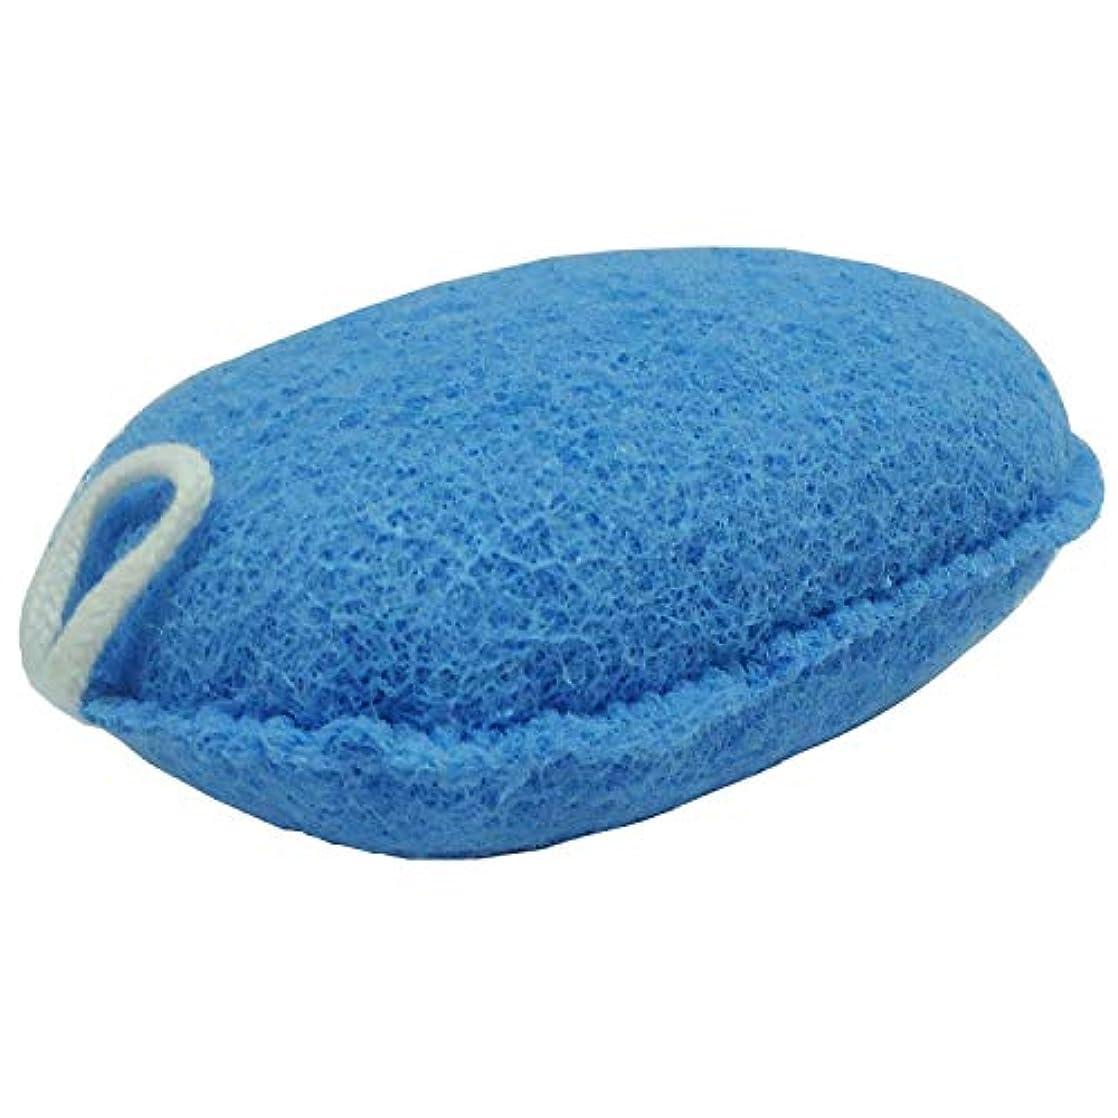 ハッチプラス良性オーエ ボディスポンジ ブルー 約縦14.5×横9.5×奥行5cm nf ヘチマボール 体洗い 泡立て 日本製